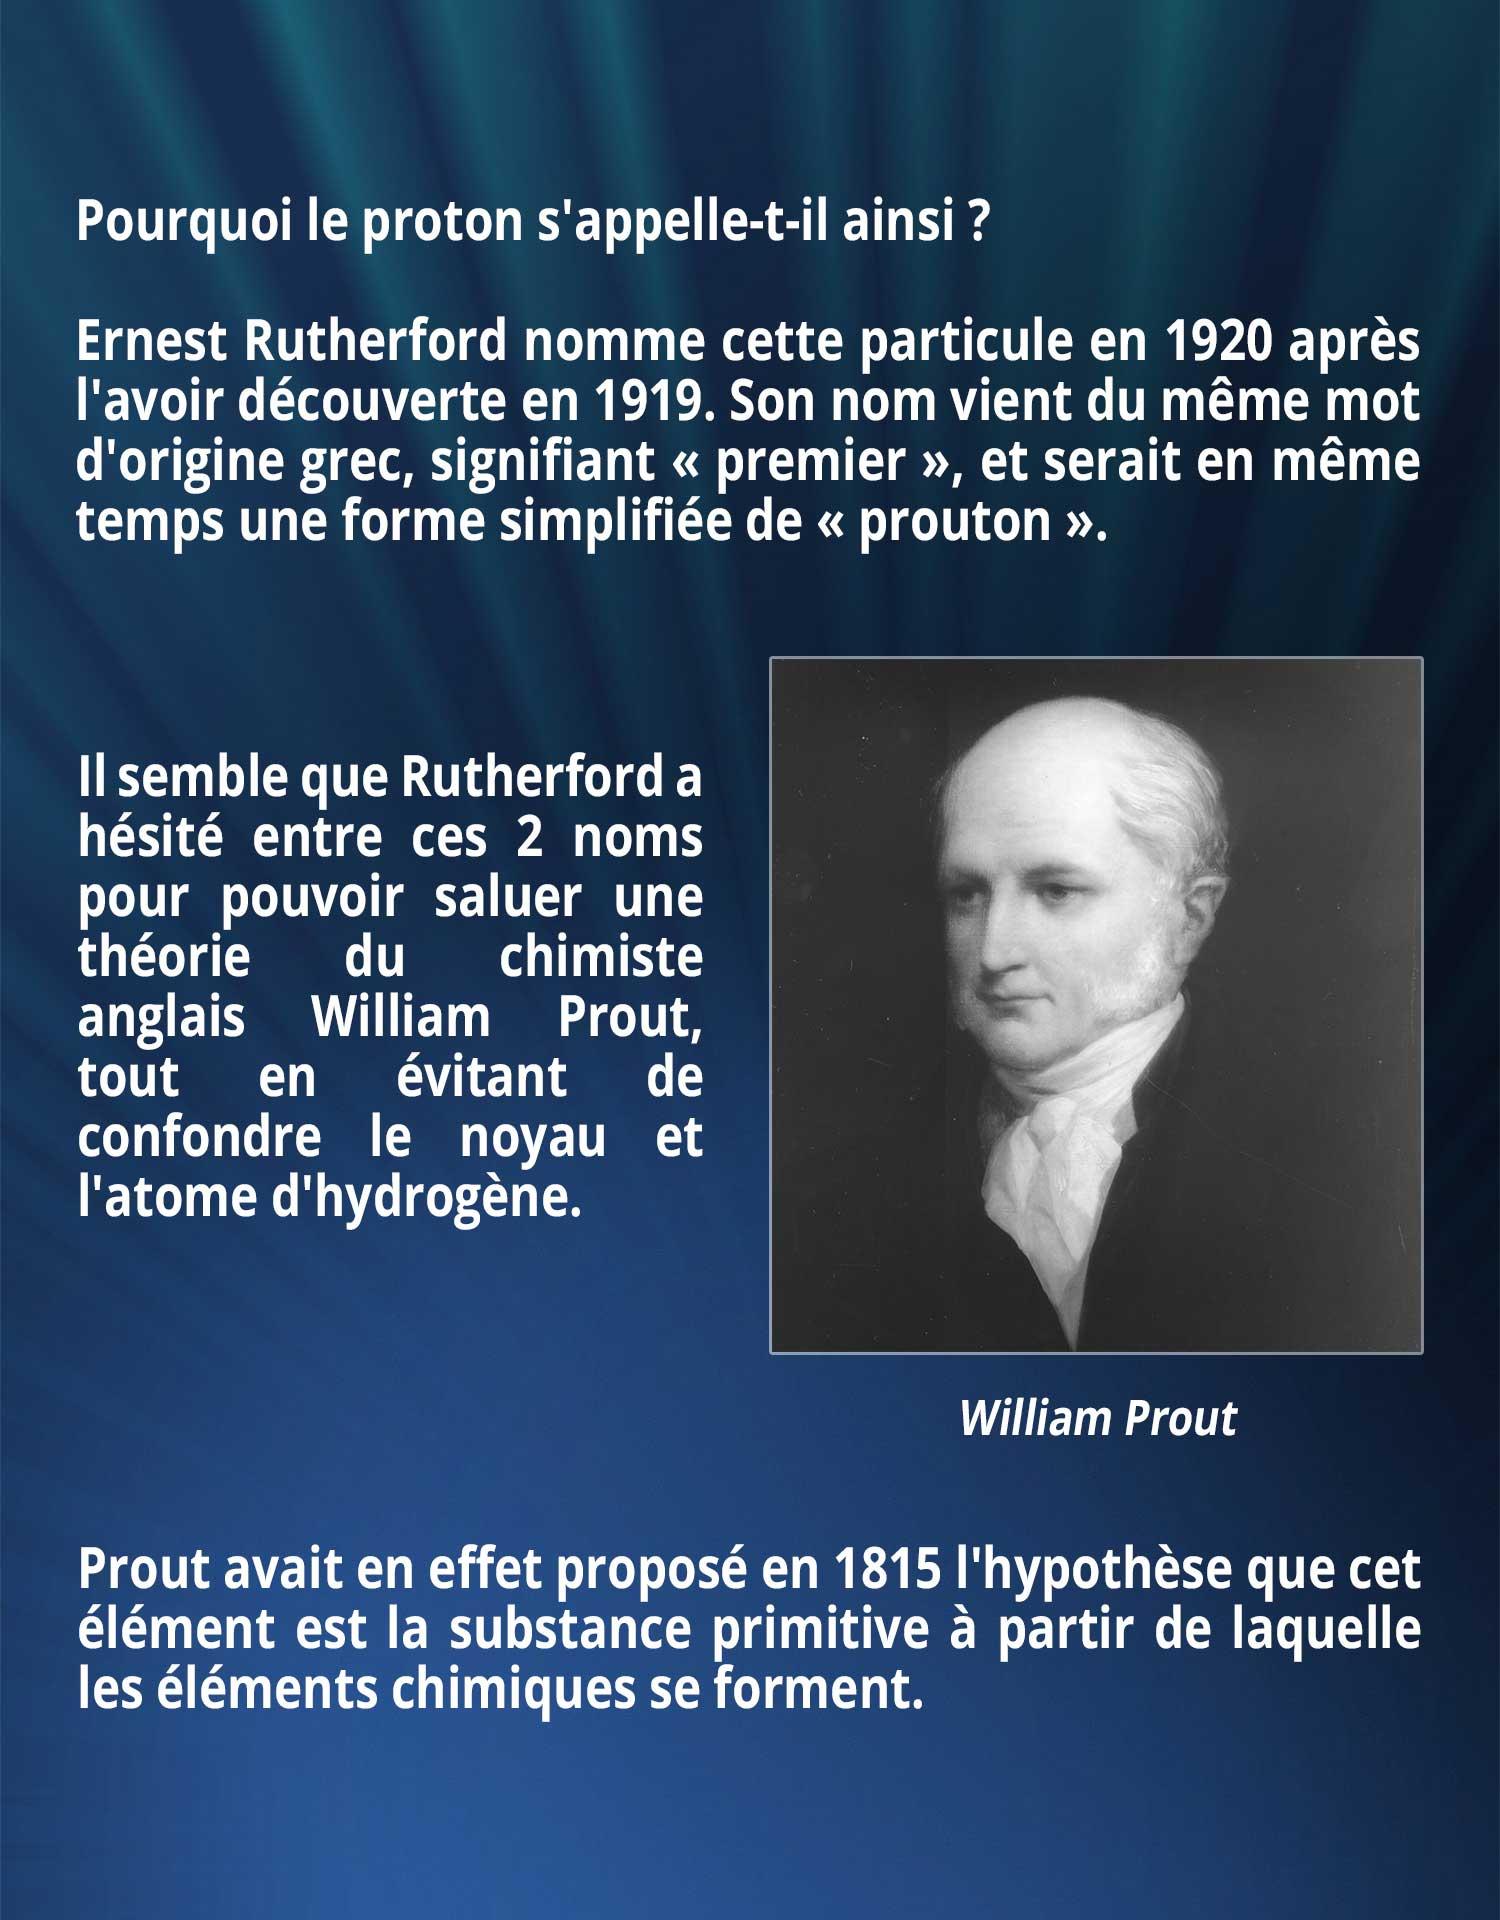 Pourquoi le proton s'appelle-t-il ainsi ? Ernest Rutherford nomme cette particule en 1920 après l'avoir découverte en 1919. Son nom vient du même mot d'origine grec, signifiant « premier », et serait en même temps une forme simplifiée de « prouton ». Il semble que Rutherford a hésité entre ces 2 noms pour pouvoir saluer une théorie du chimiste anglais William Prout, tout en évitant de confondre le noyau et l'atome d'hydrogène. Prout avait en effet proposé en 1815 l'hypothèse que cet élément est la substance primitive à partir de laquelle les éléments chimiques se forment.